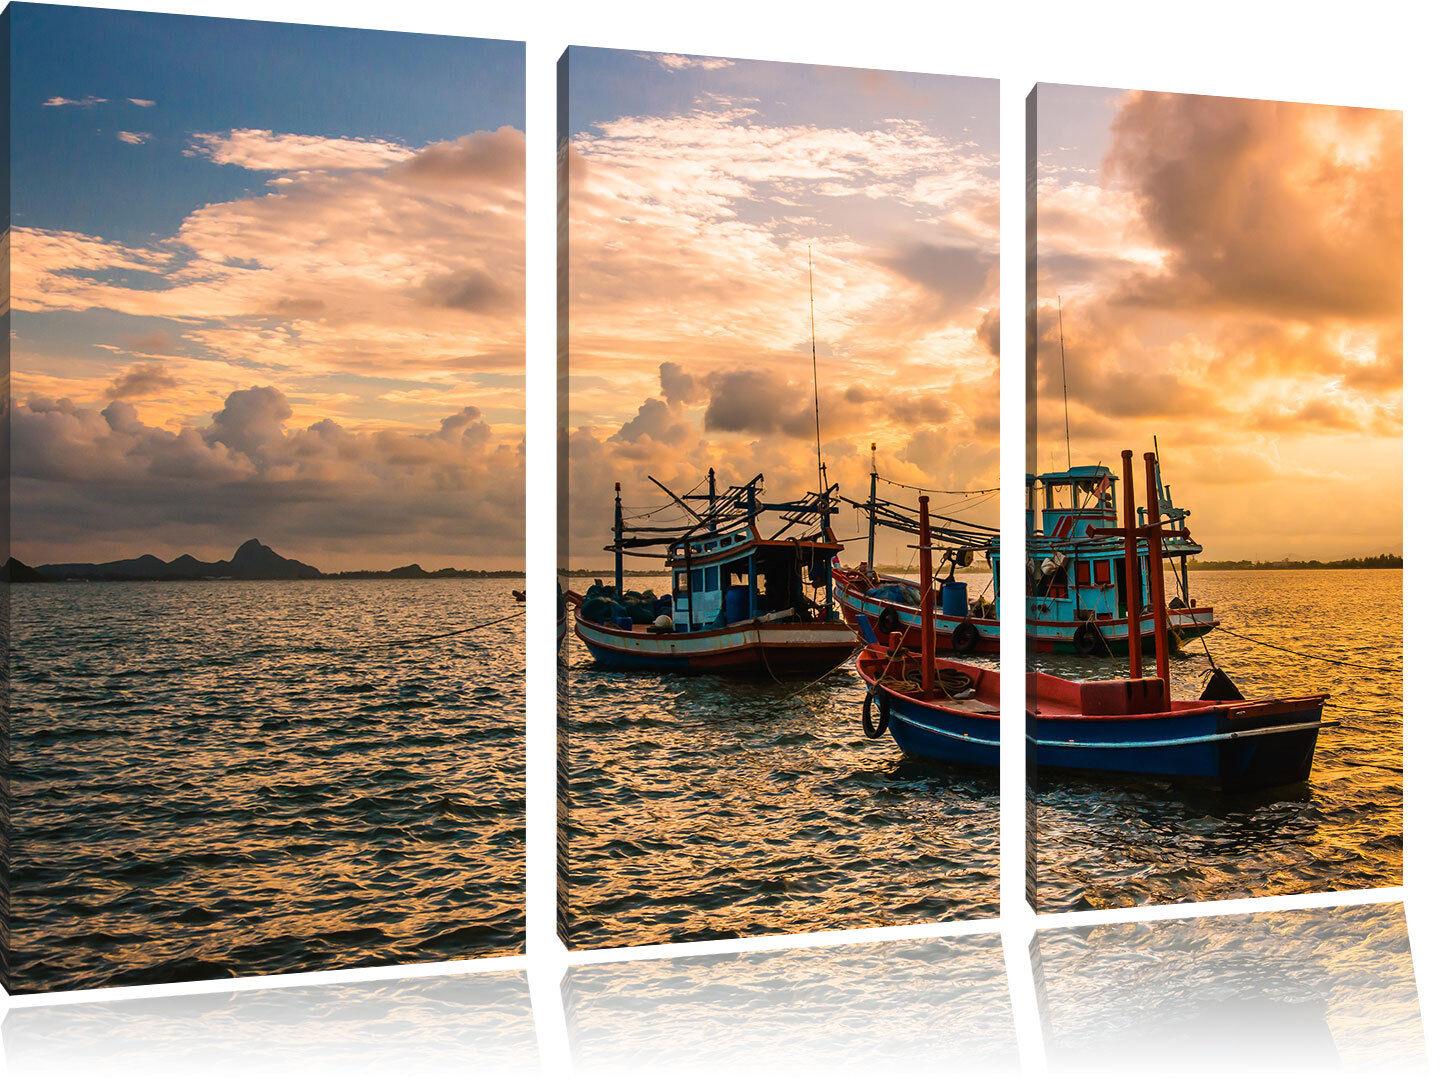 Tailandesa Barcos de el Pesca en el de Mar 3-Teiler Foto en Lienzo Decoración de Pa rojo  e573ba